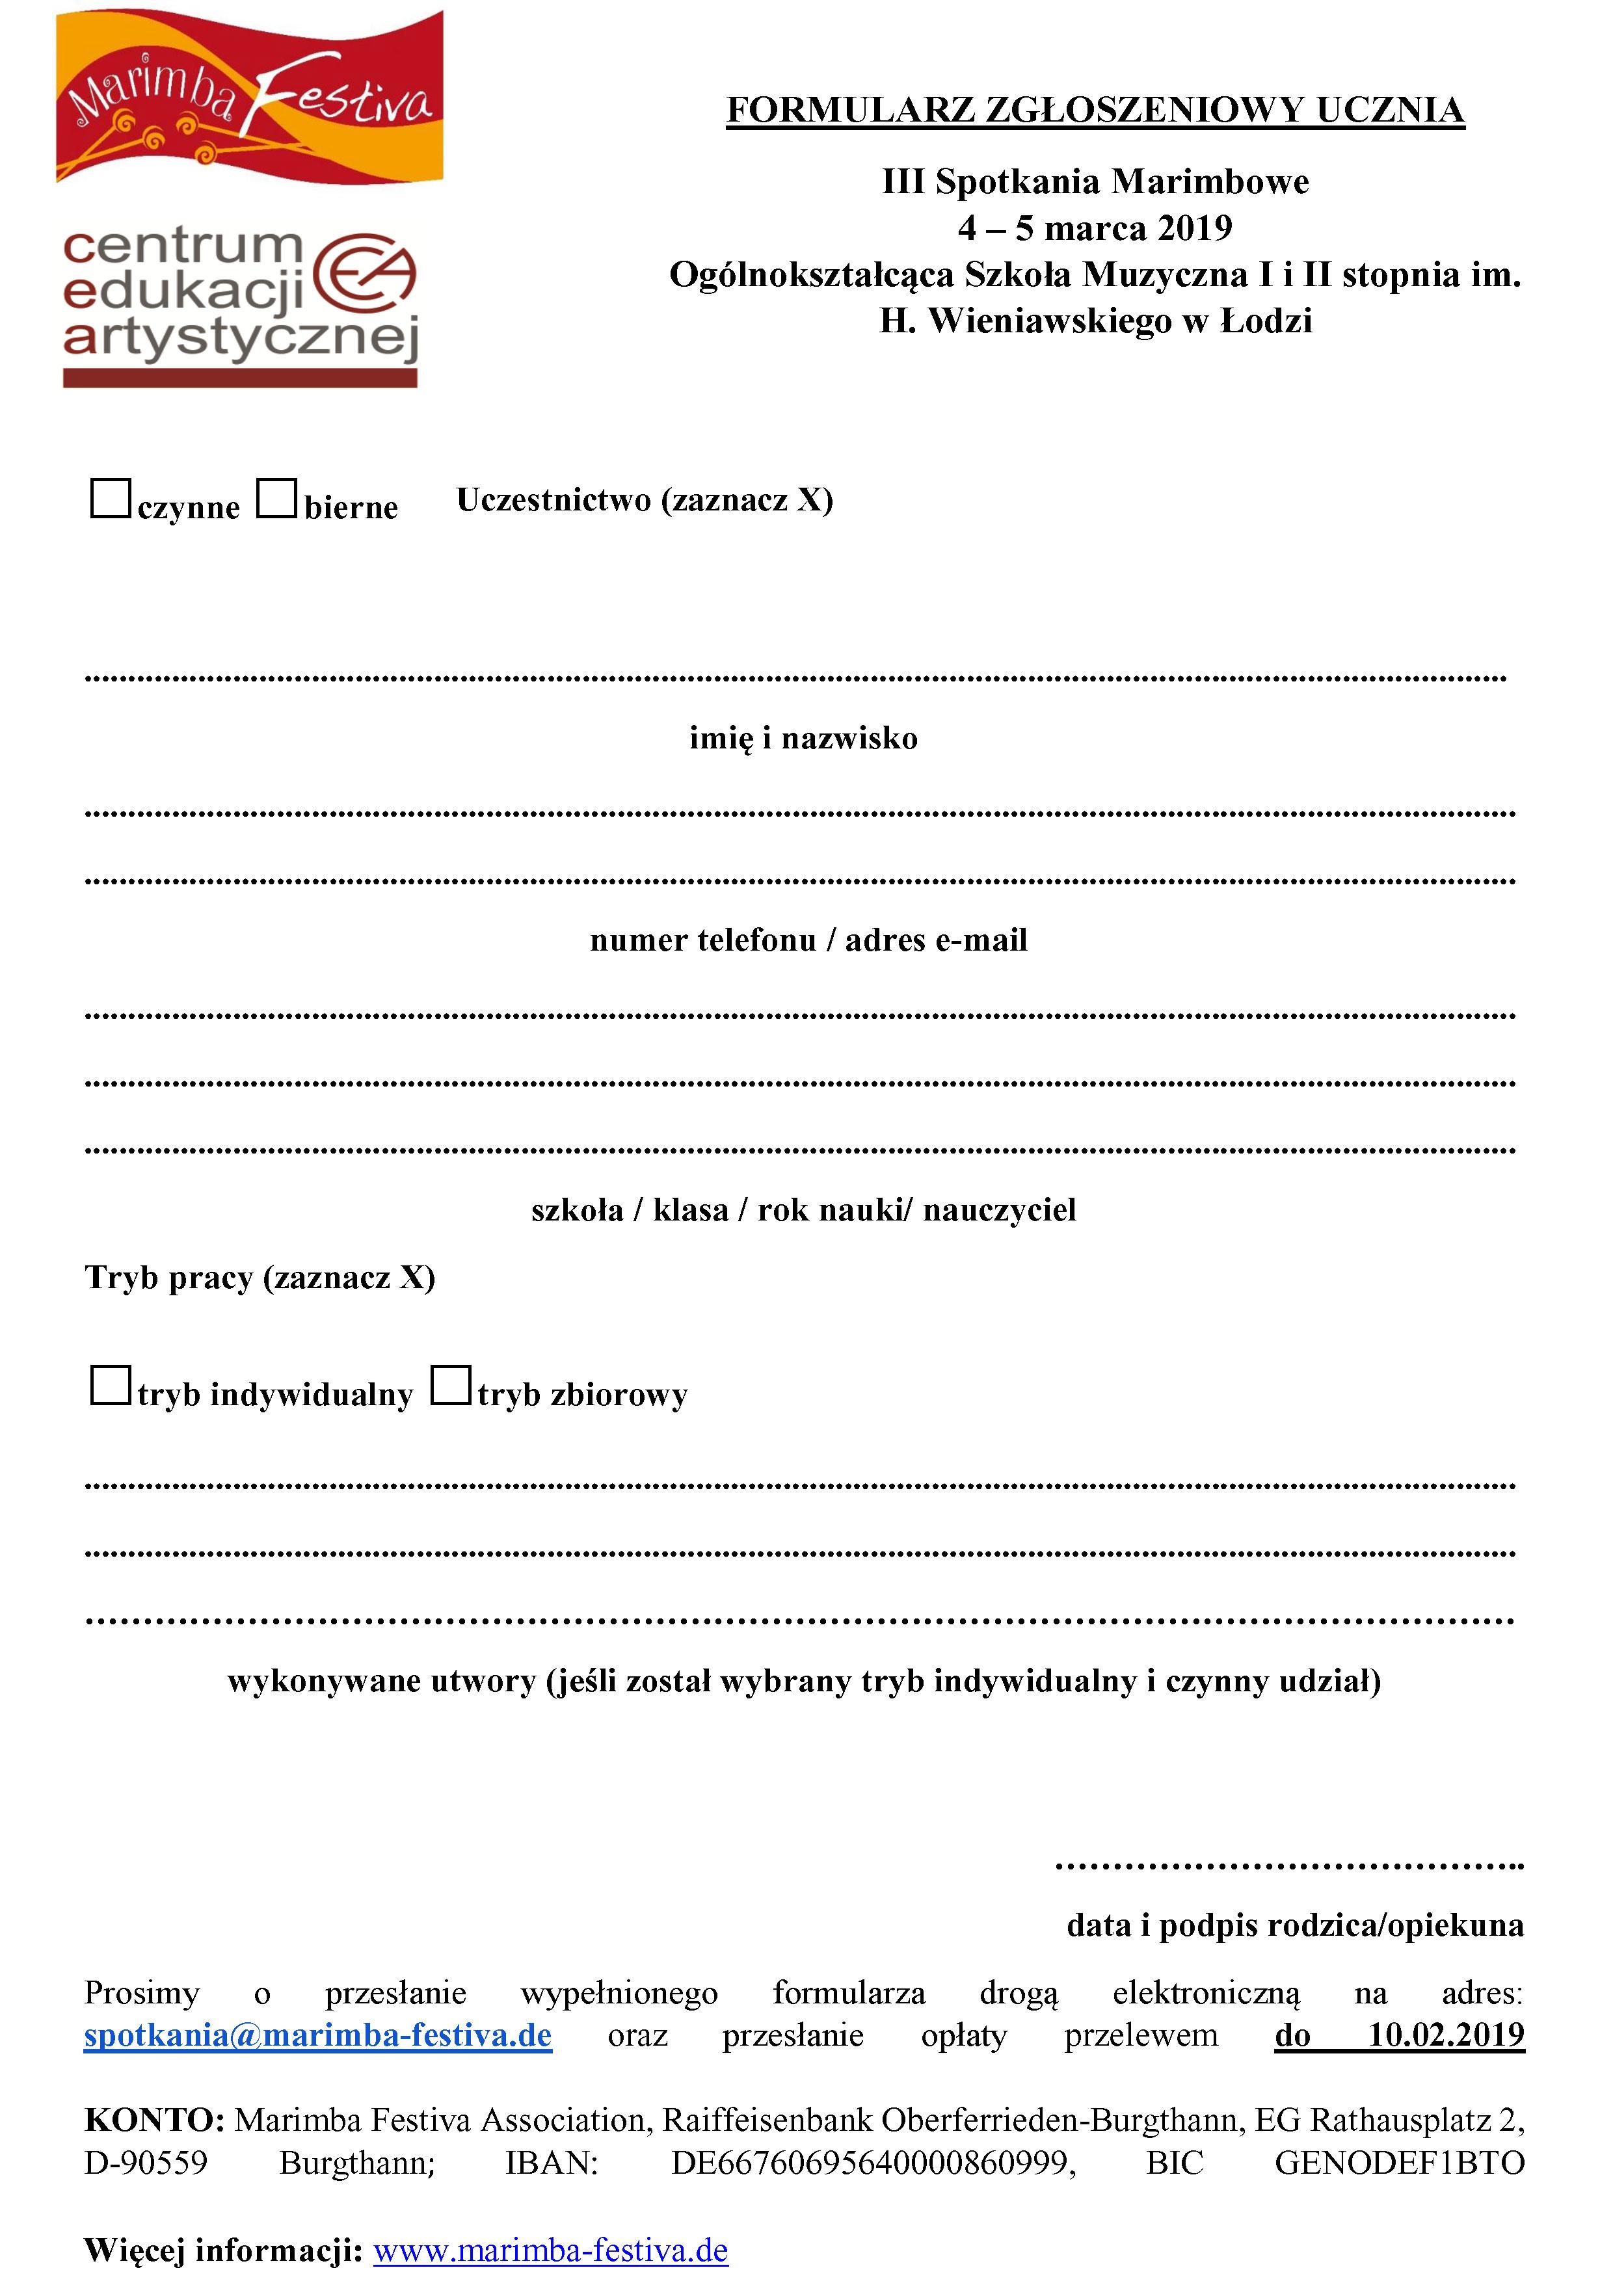 Formularz dla uczniów